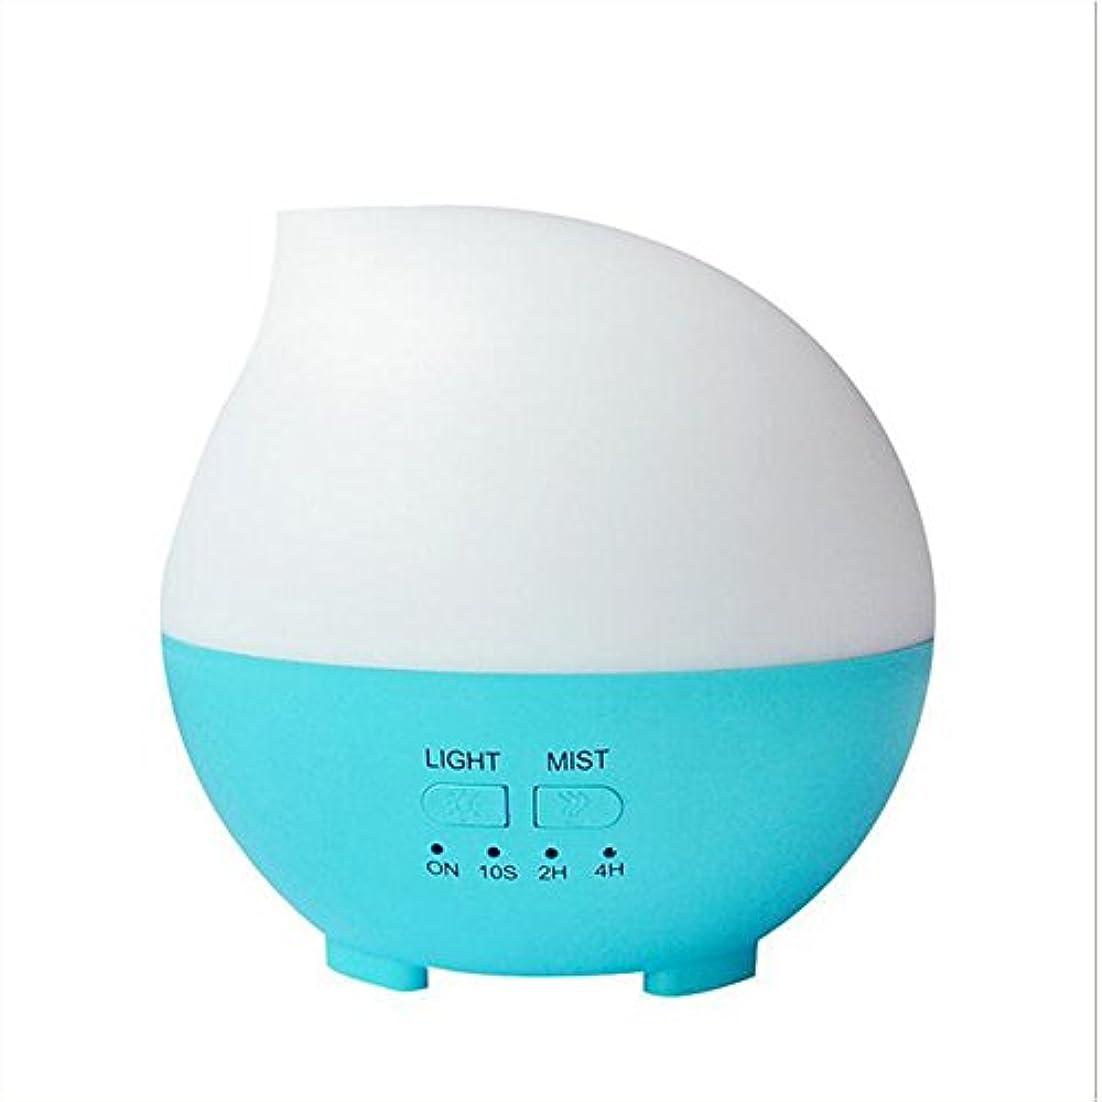 座標脅かす調整する加湿器フィルター 加湿器アロマセラピーディフューザーカラーLEDライトホーム車のオフィス(14 * 14 * 14センチメートル) ( Color : Blue )